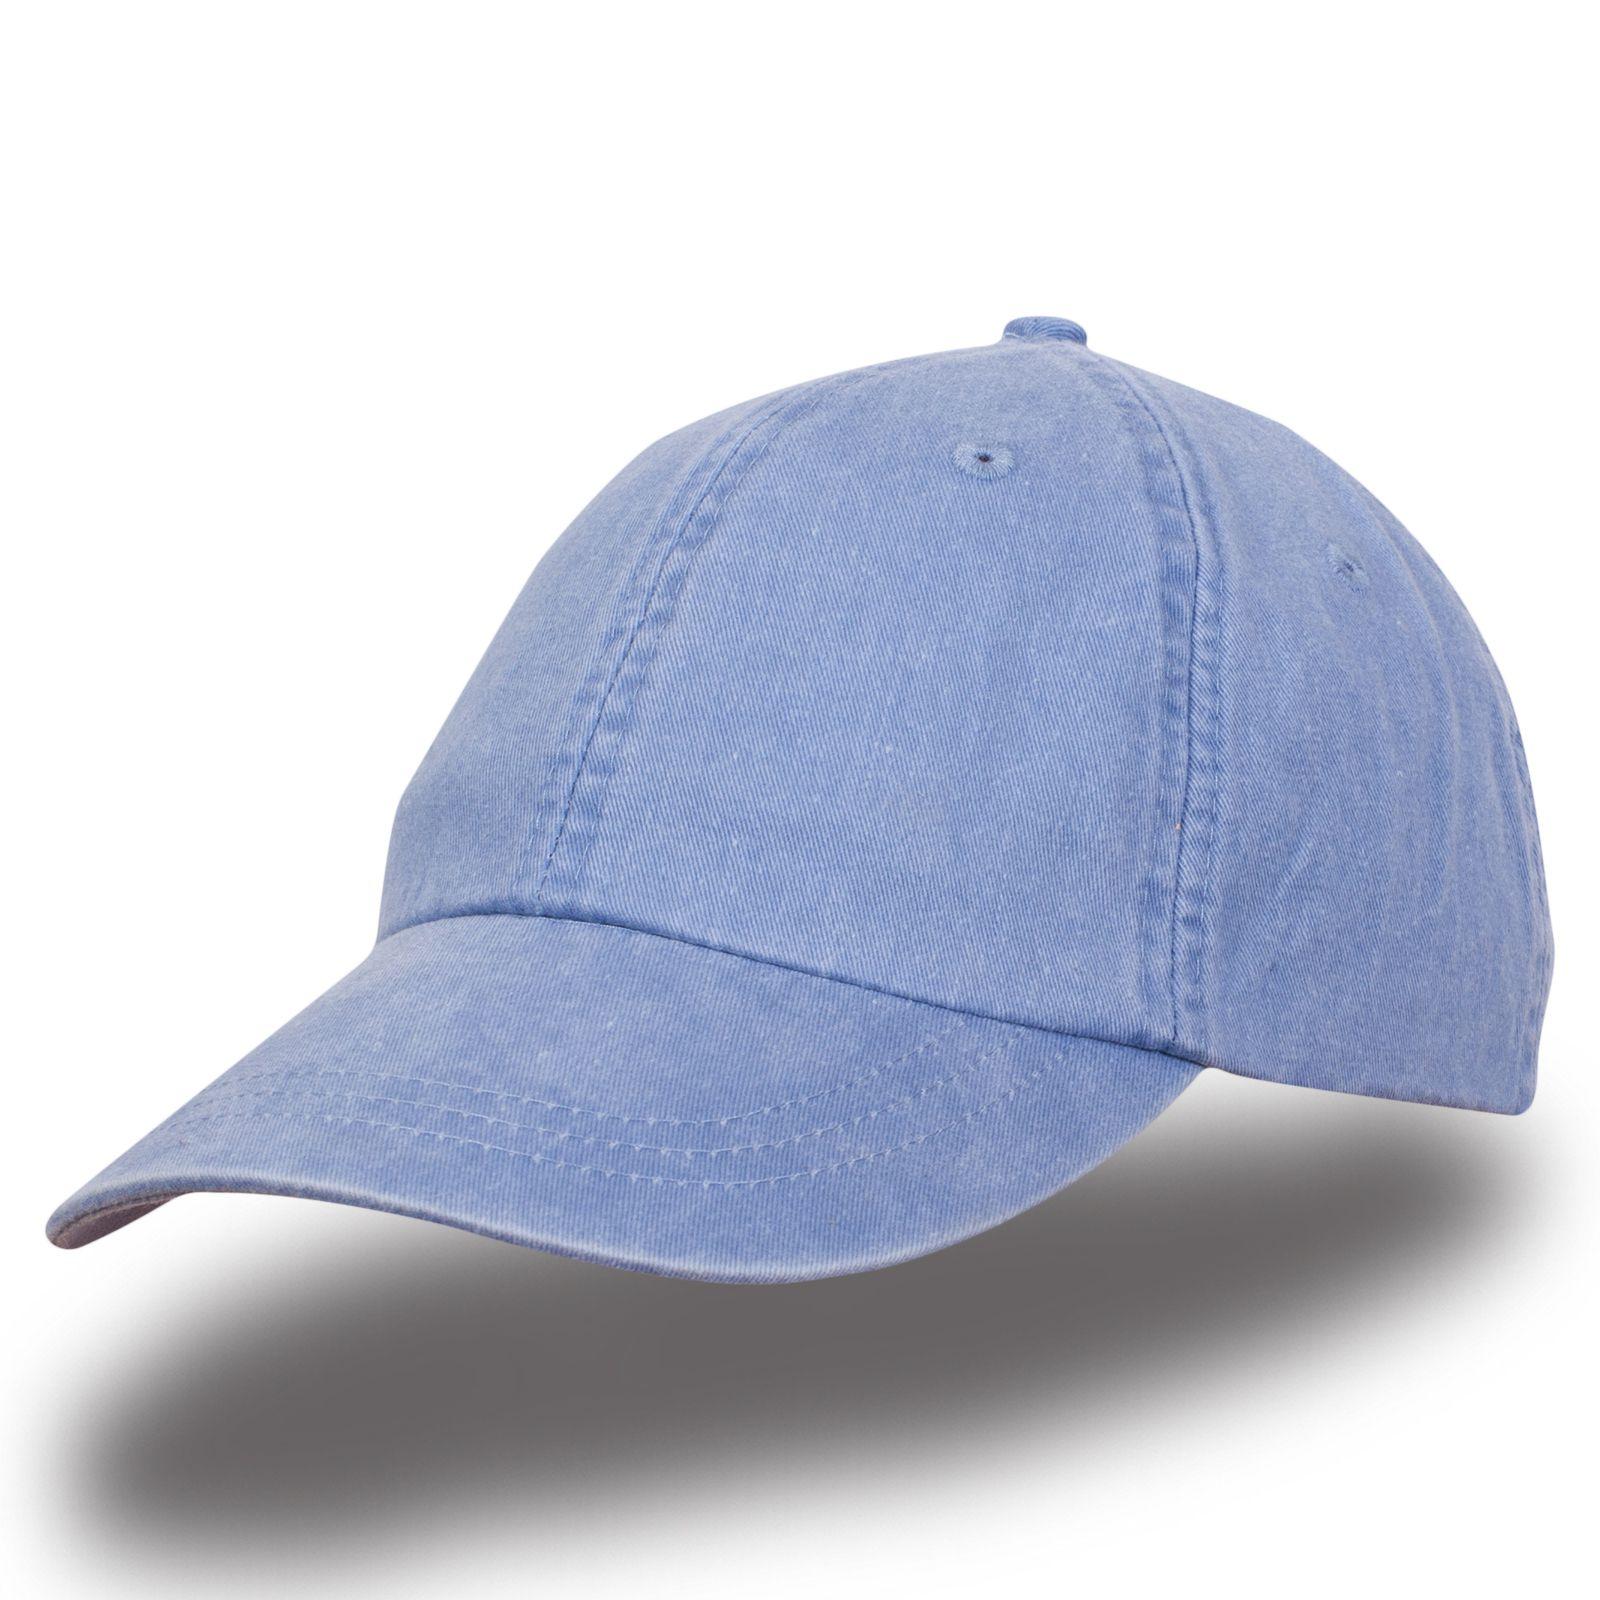 Голубая бейсболка - купить в интернет-магазине